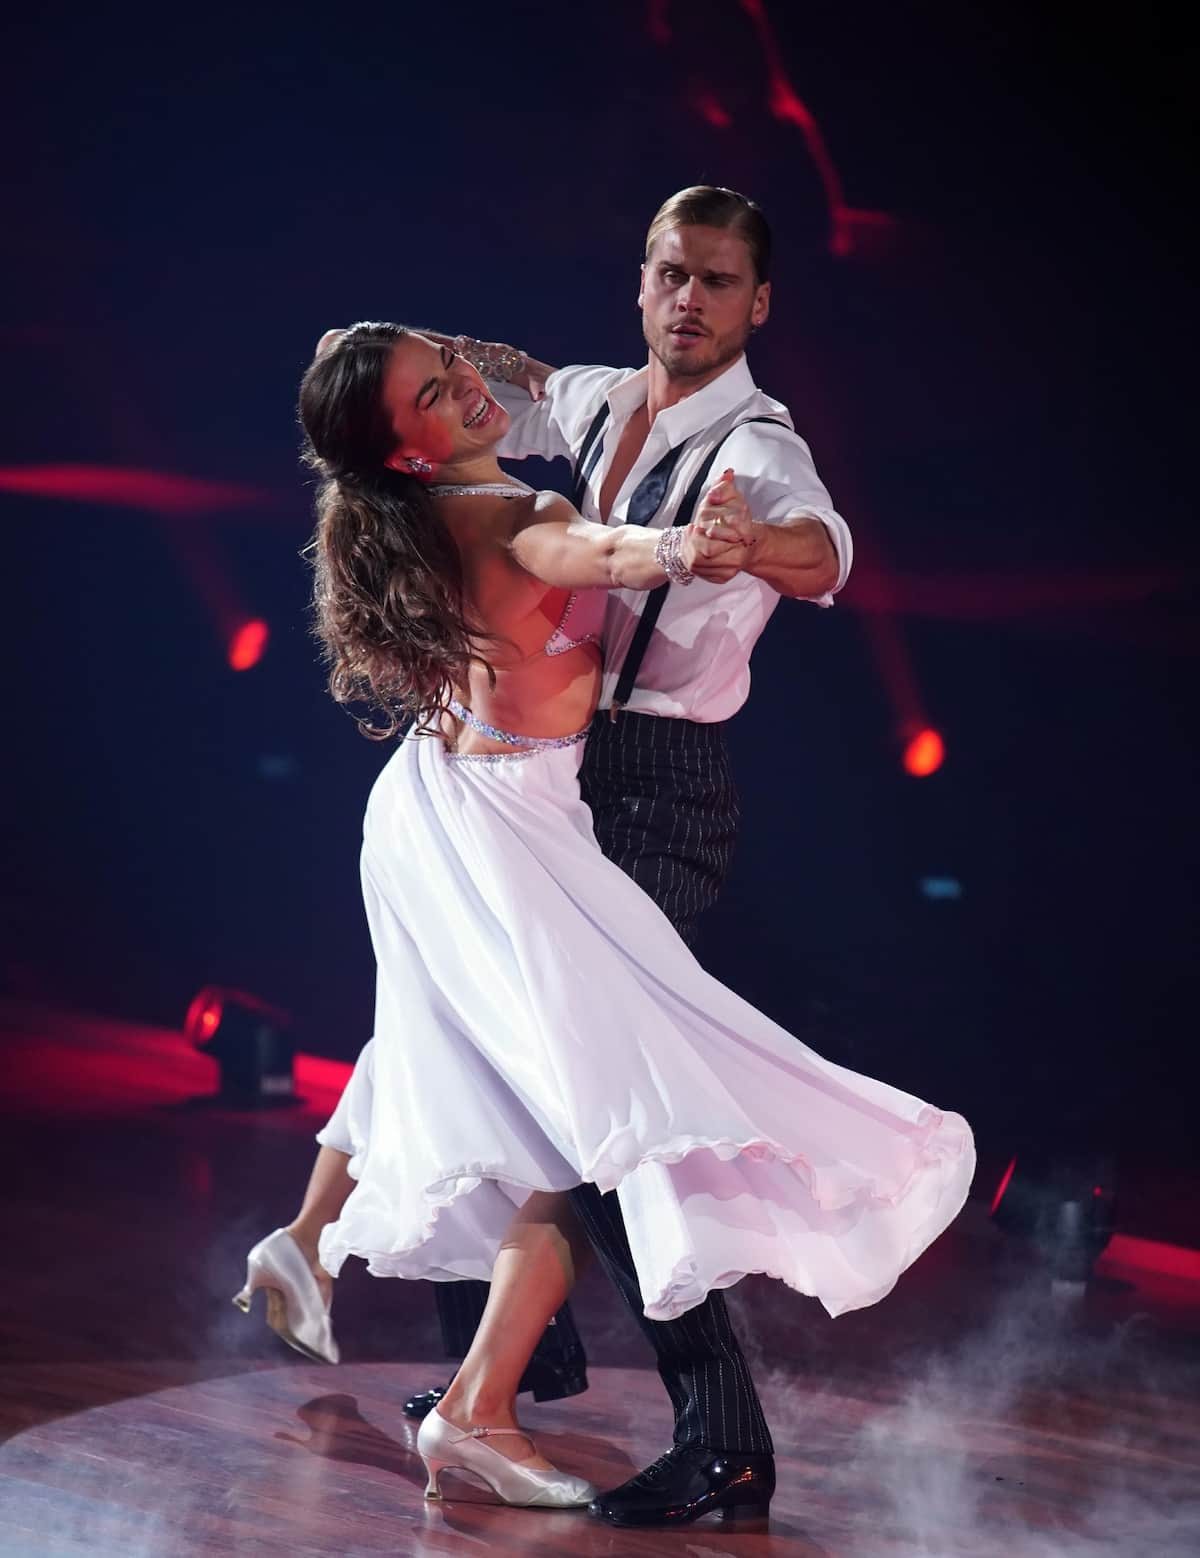 Renata Lusin und Rurik Gislason bei Let's dance am 12.3.2021